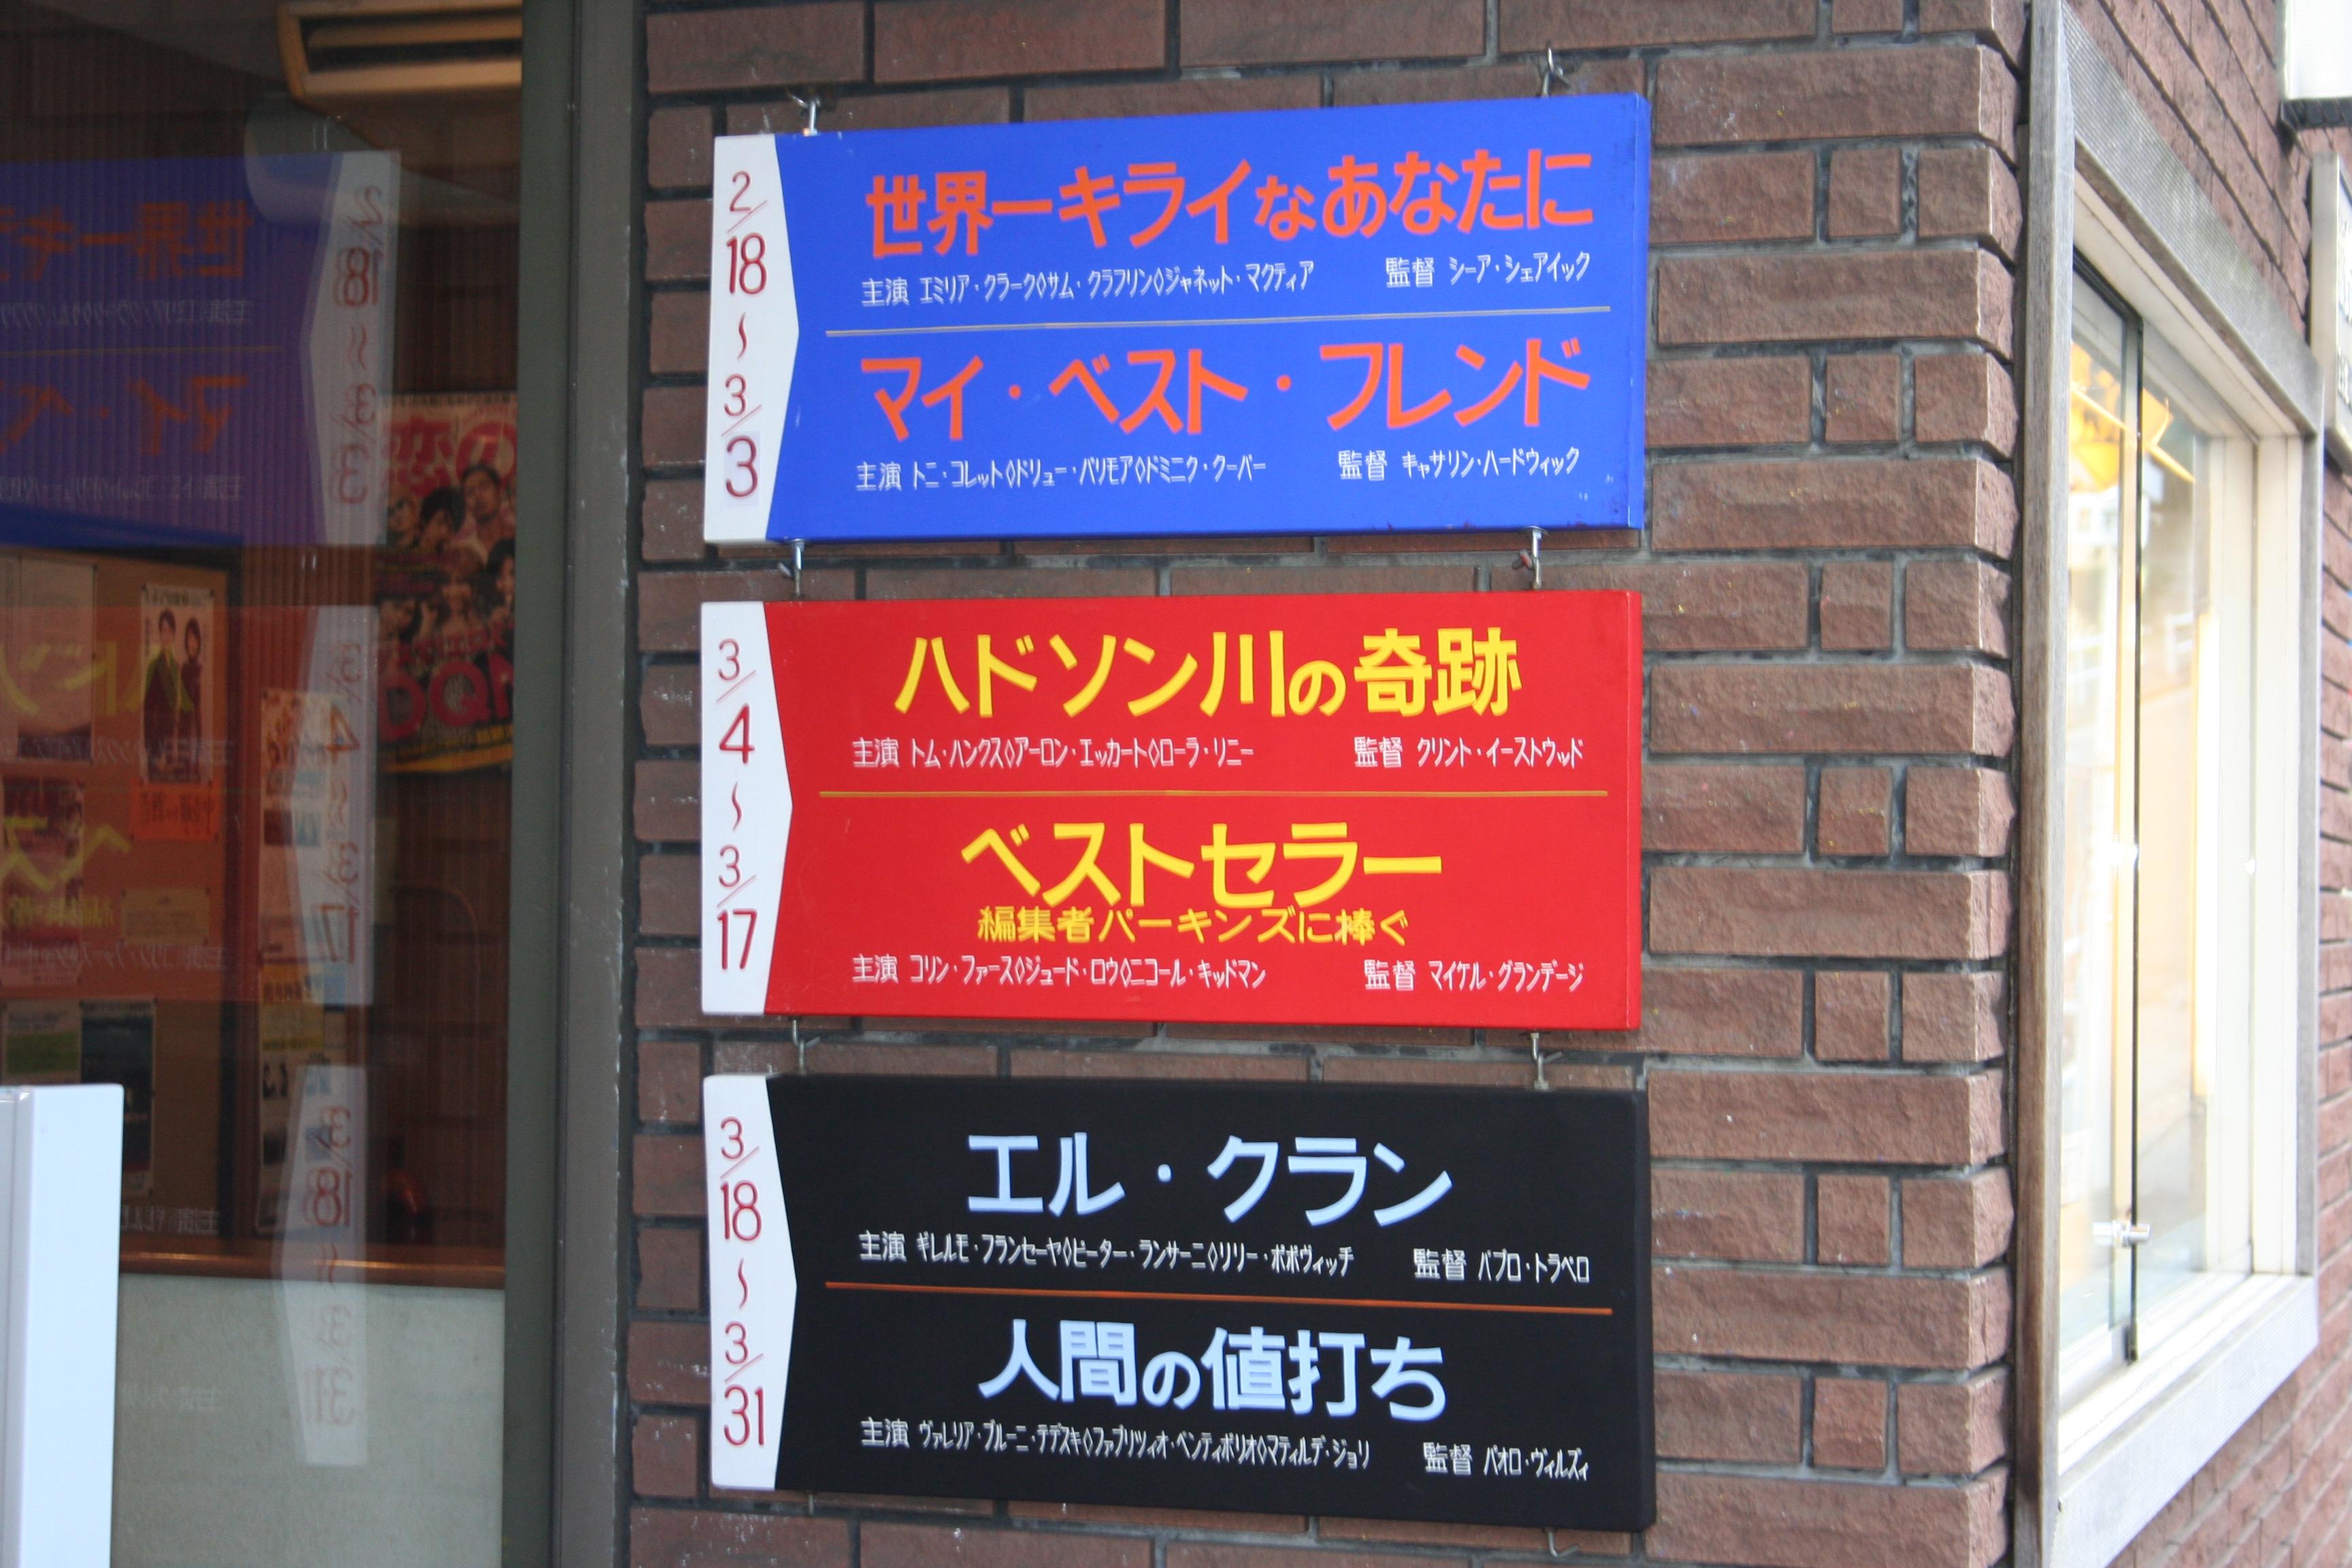 도쿄-카구라자카11